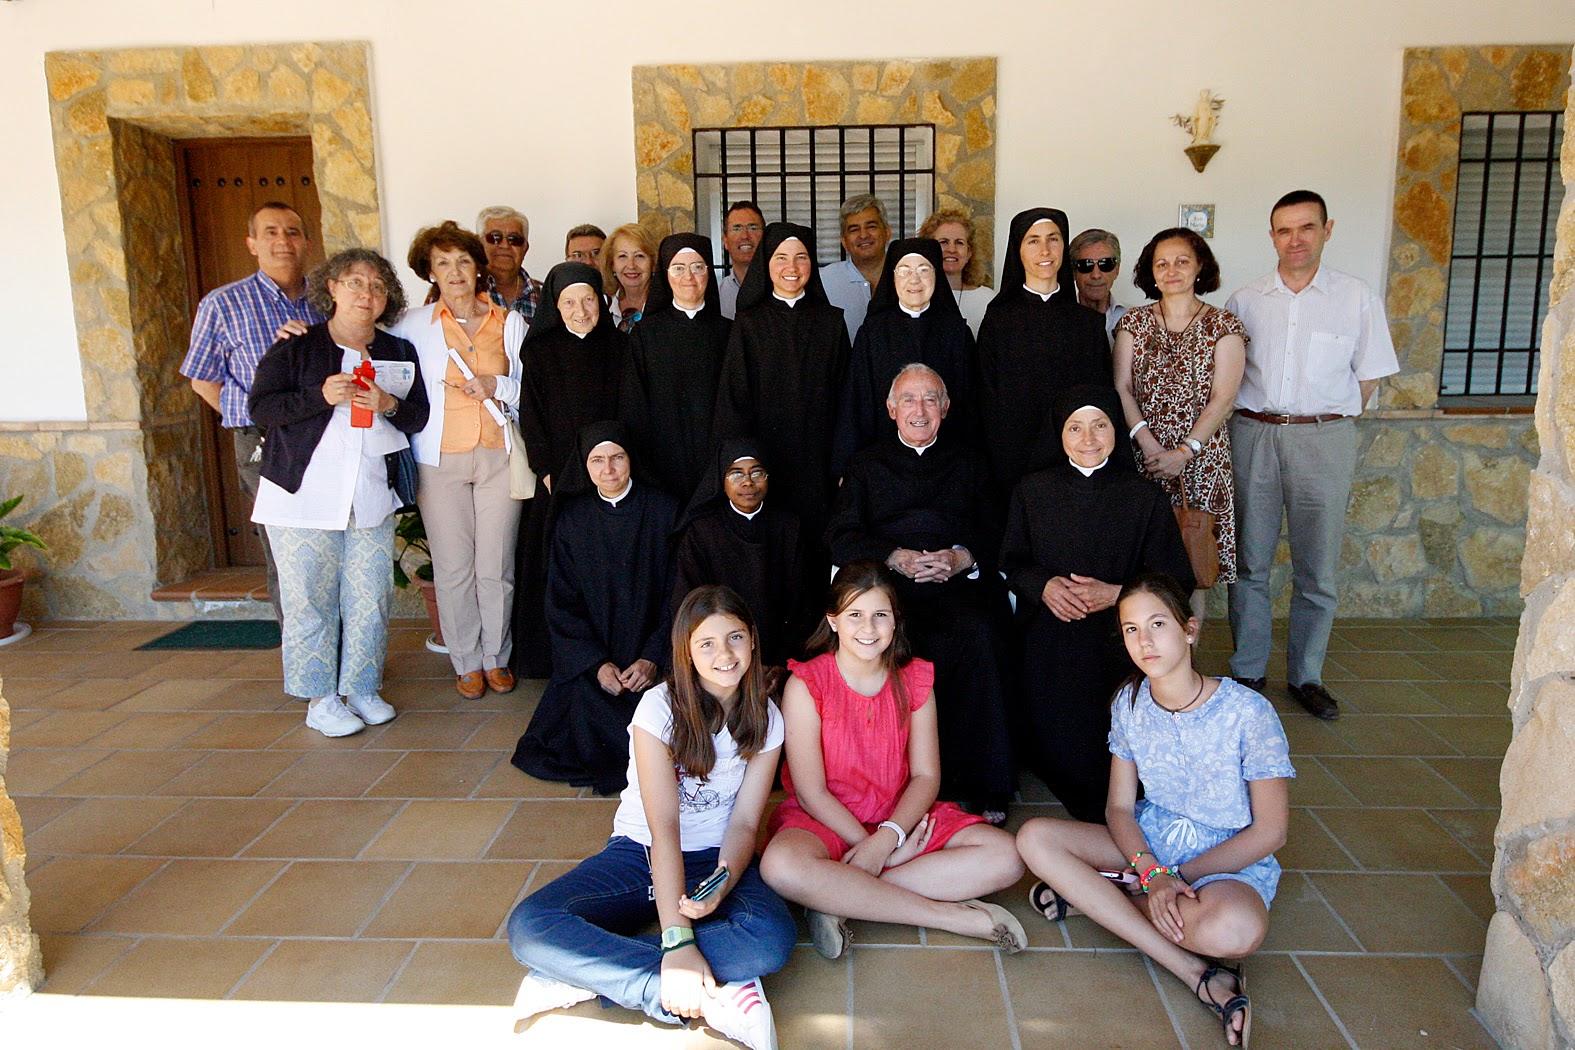 Cr nica visita y misa en oasis san jos villaviciosa for Oficina 0049 banco santander